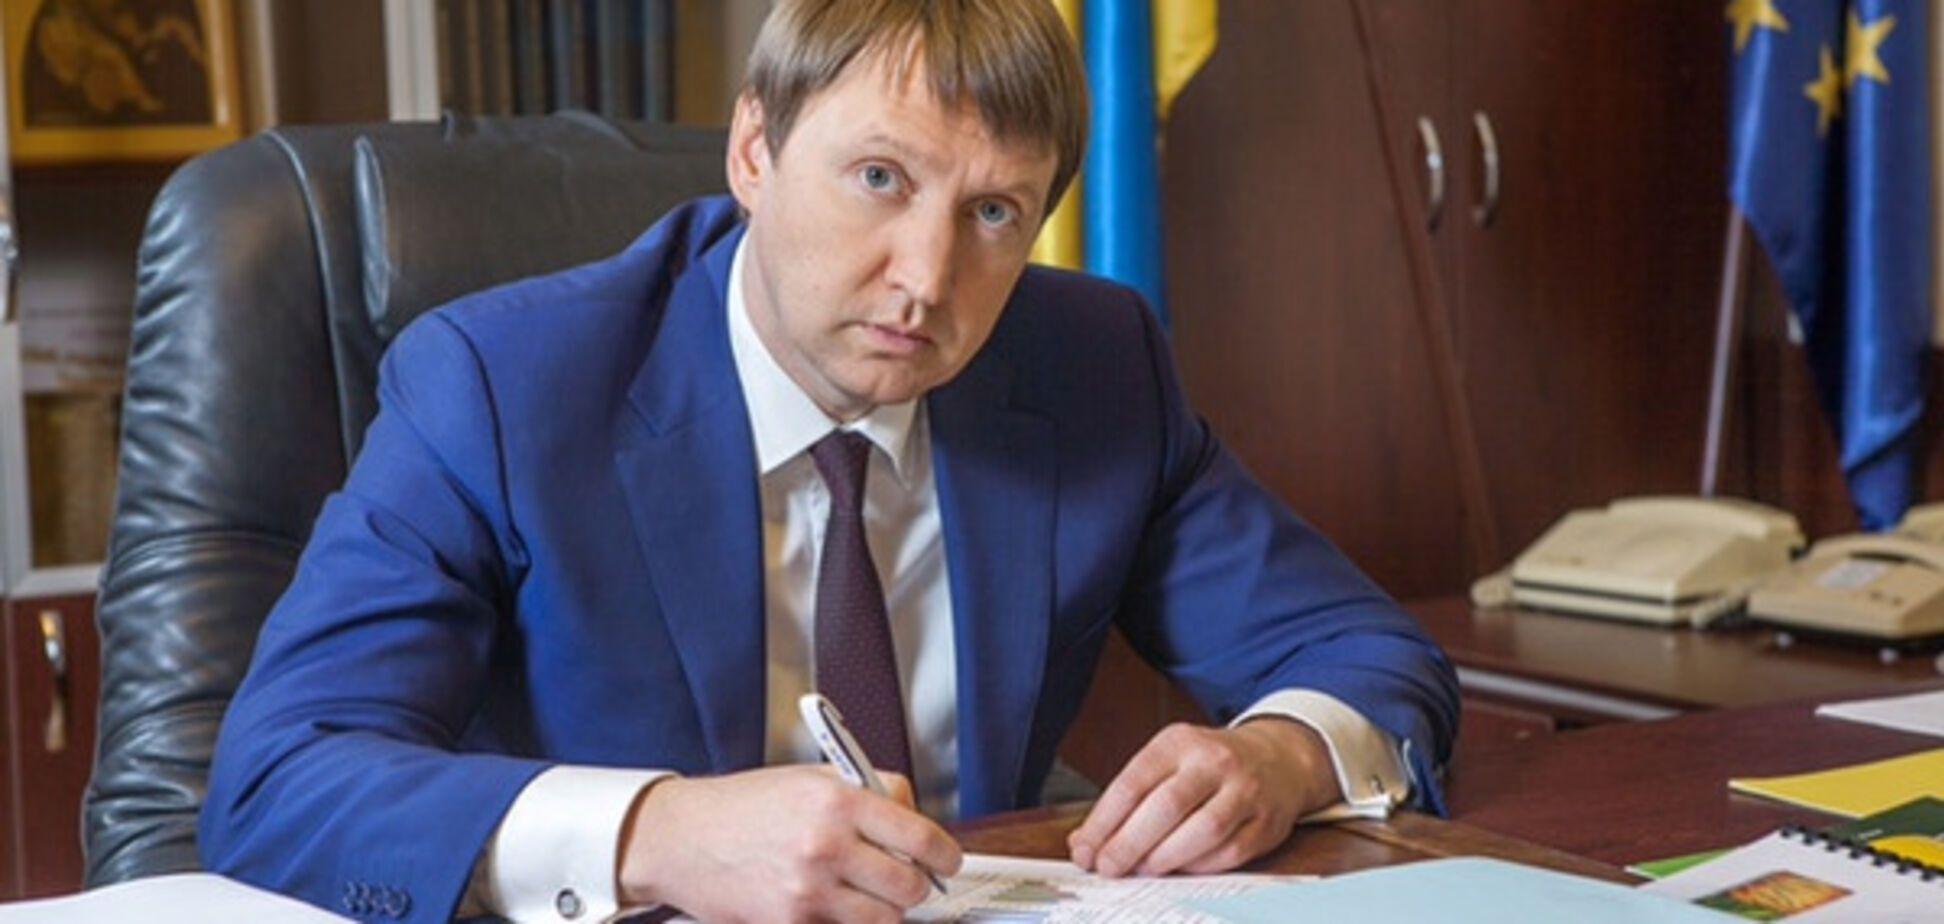 Кутовой: на Закарпатье заработала комиссия по проверке законности вырубки леса